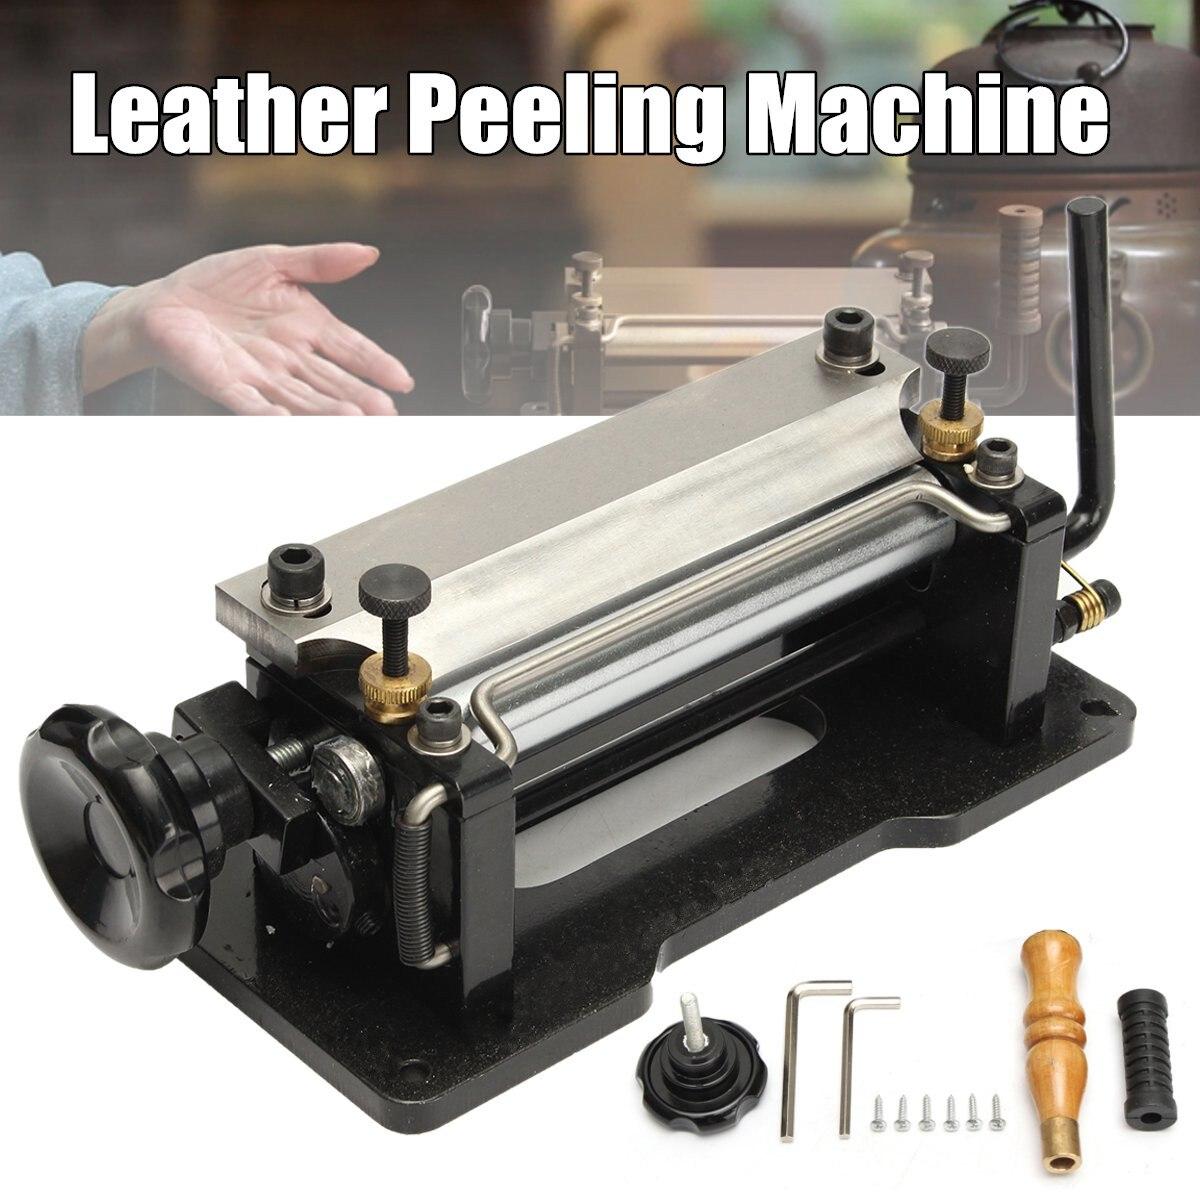 6 pouces Manuel En Cuir Peel Outils DIY Pelle Peau Machine En Cuir Splitter Tannage Végétal Poignée Éplucheur